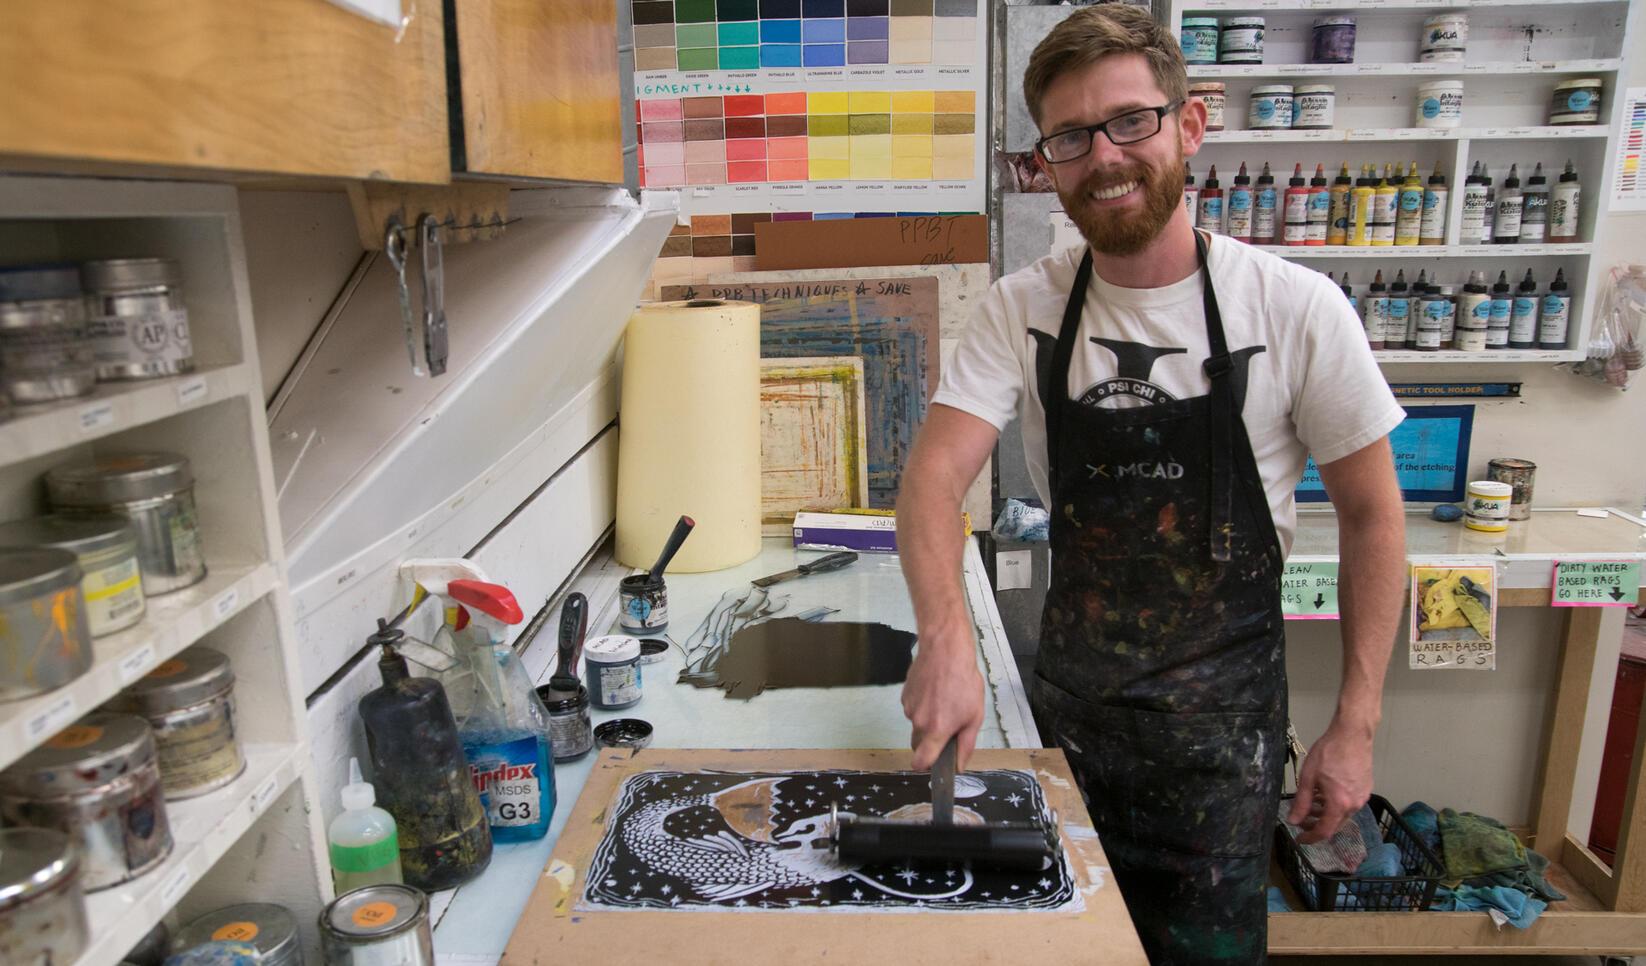 Art teacher inking a block to print